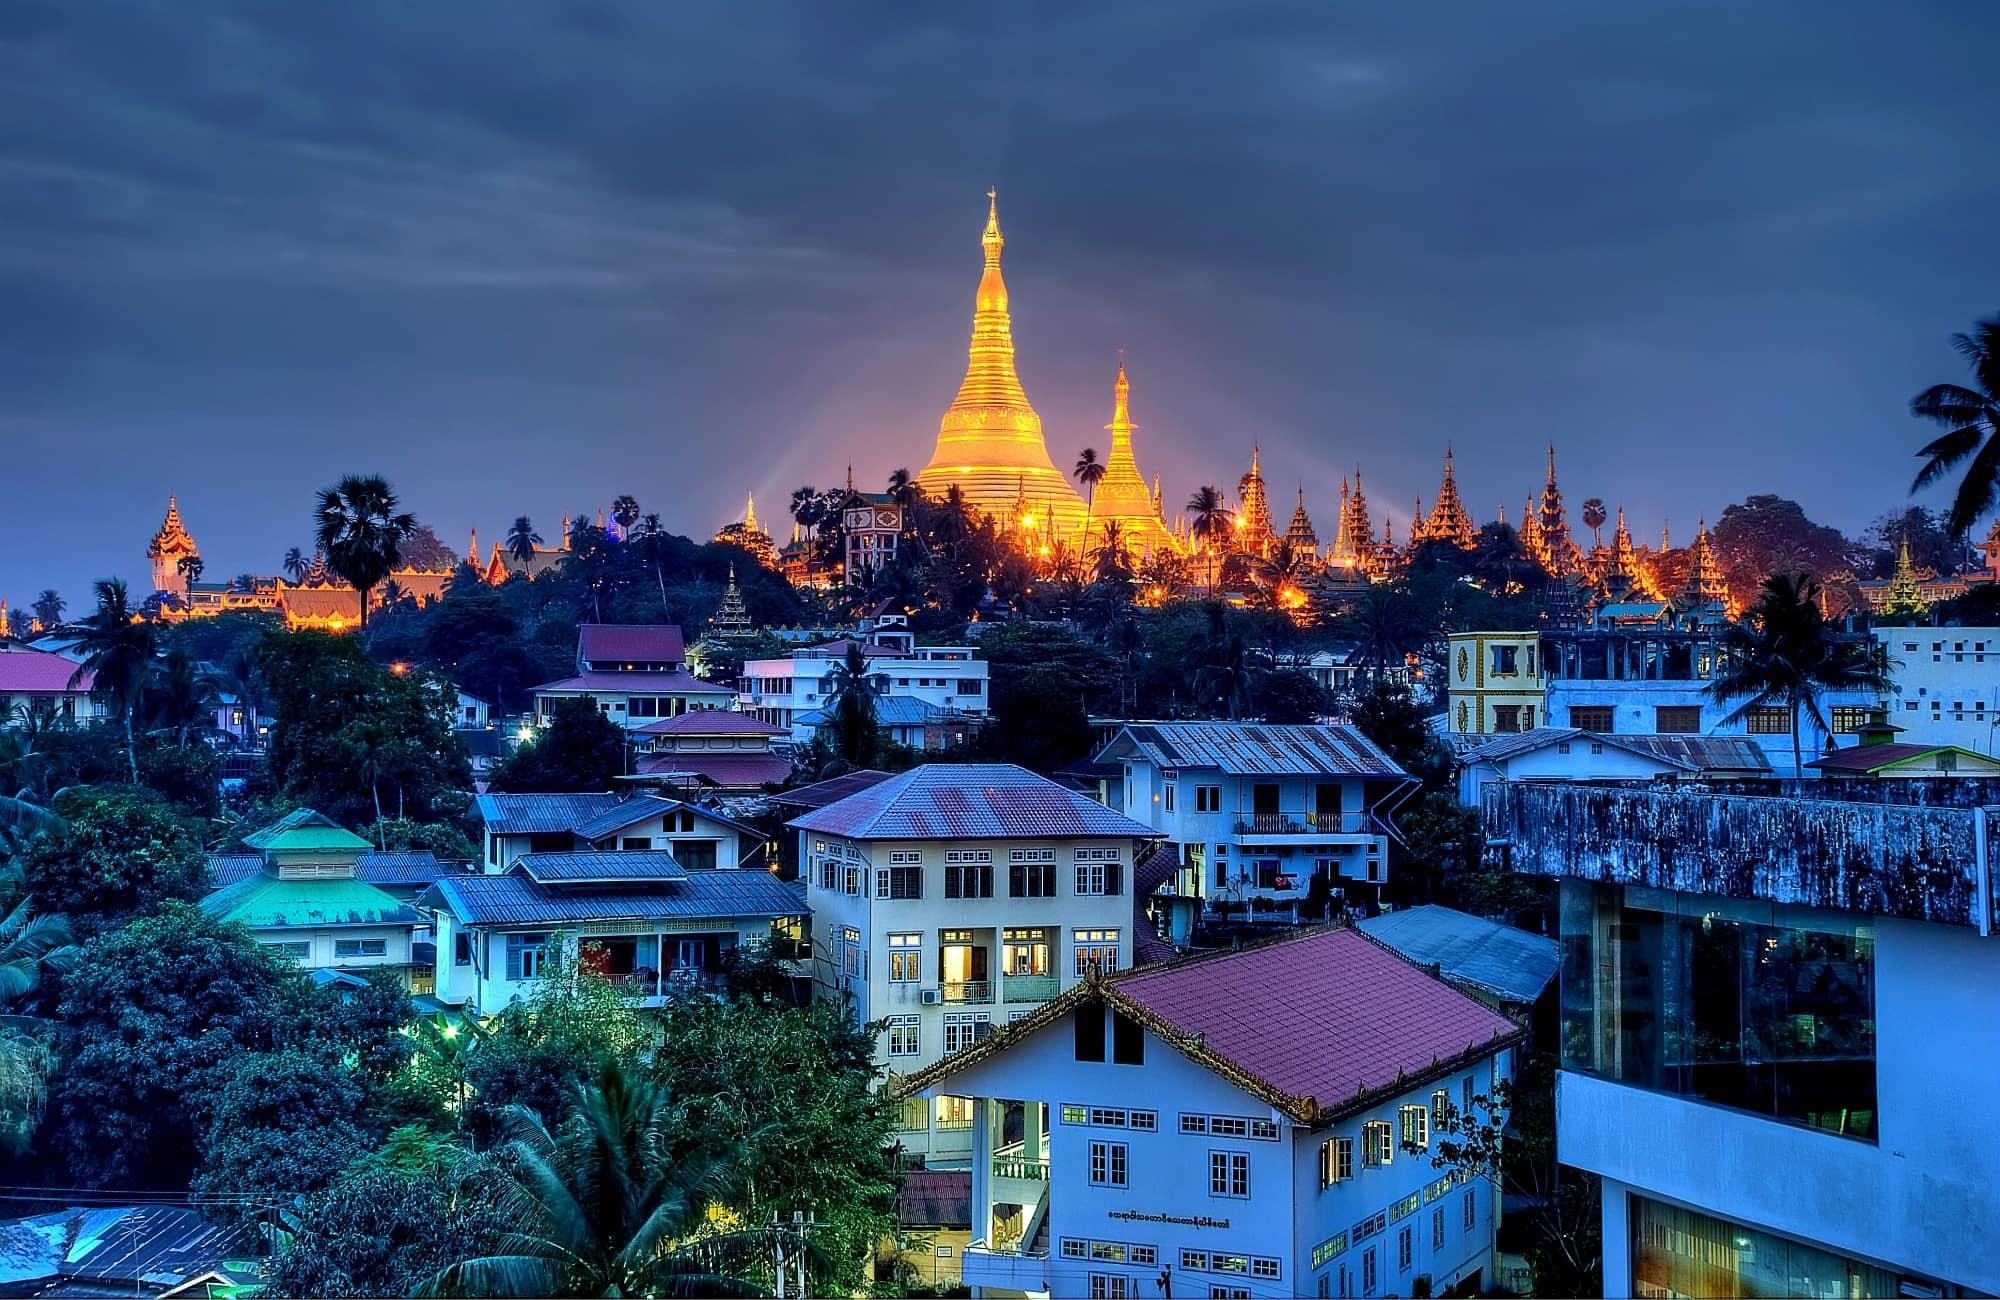 Yangon et la pagode Shwedagon vue de nuit – Birmanie